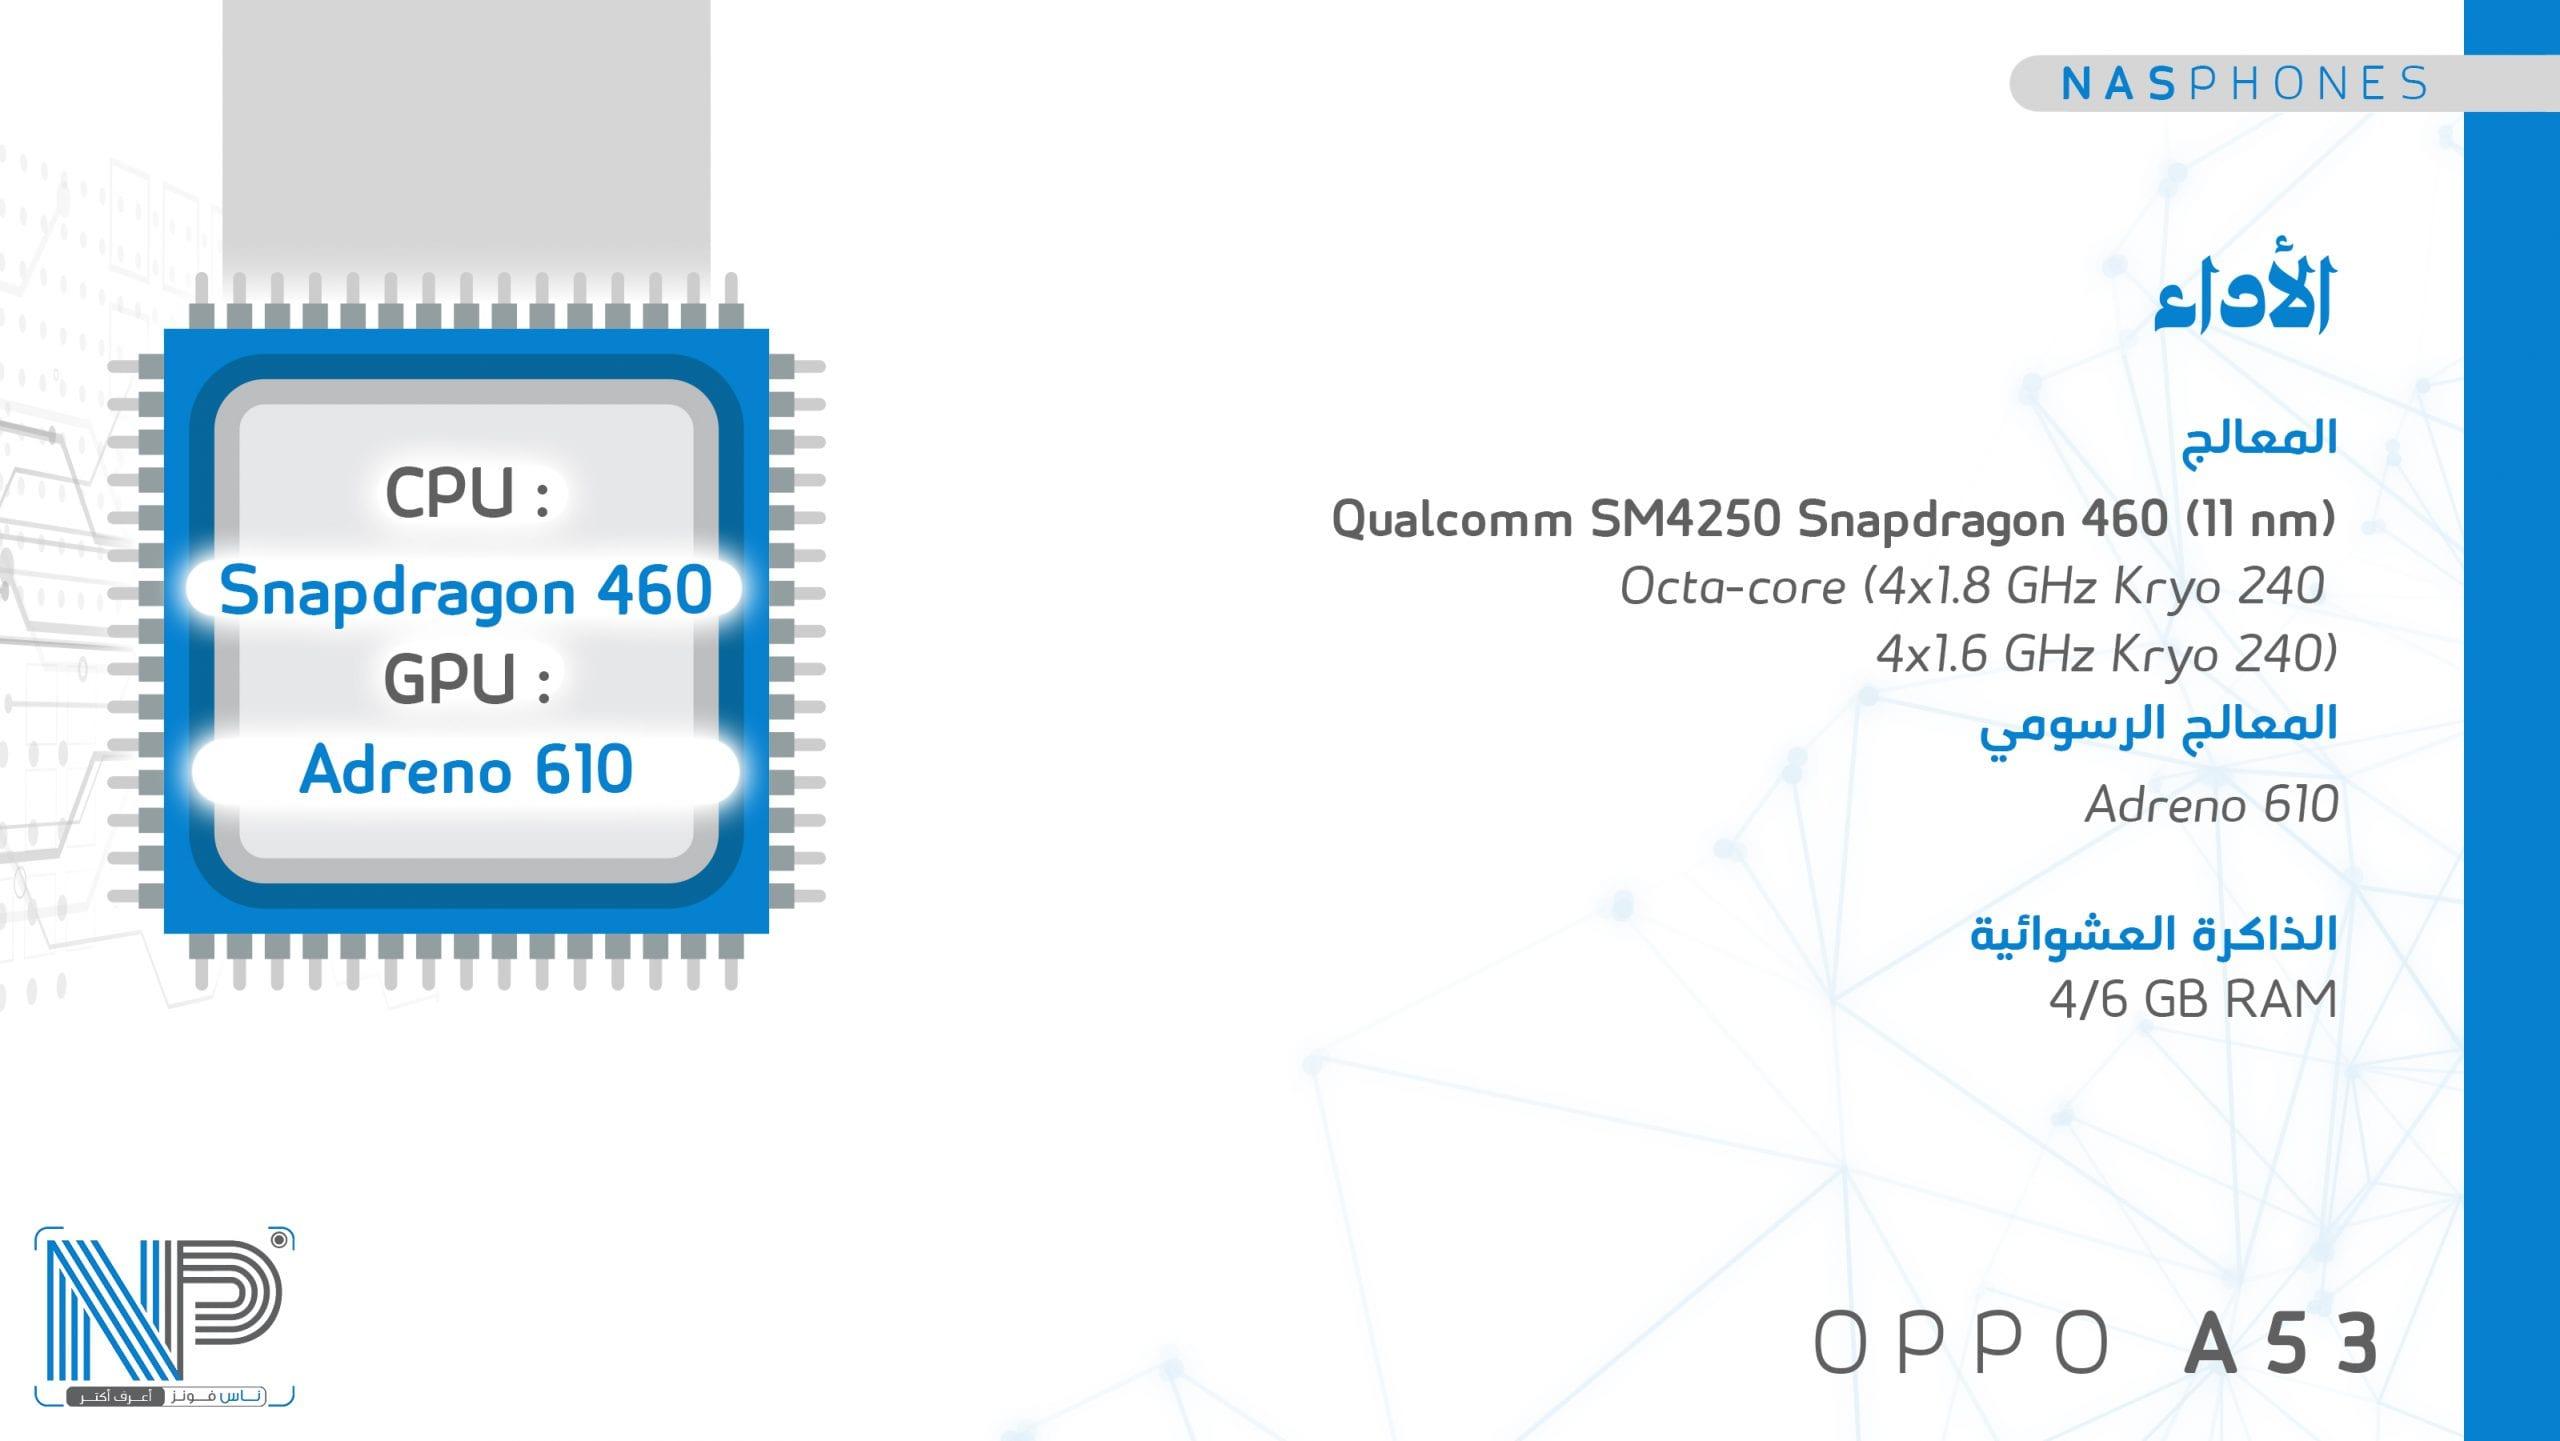 أداء موبايل Oppo A53